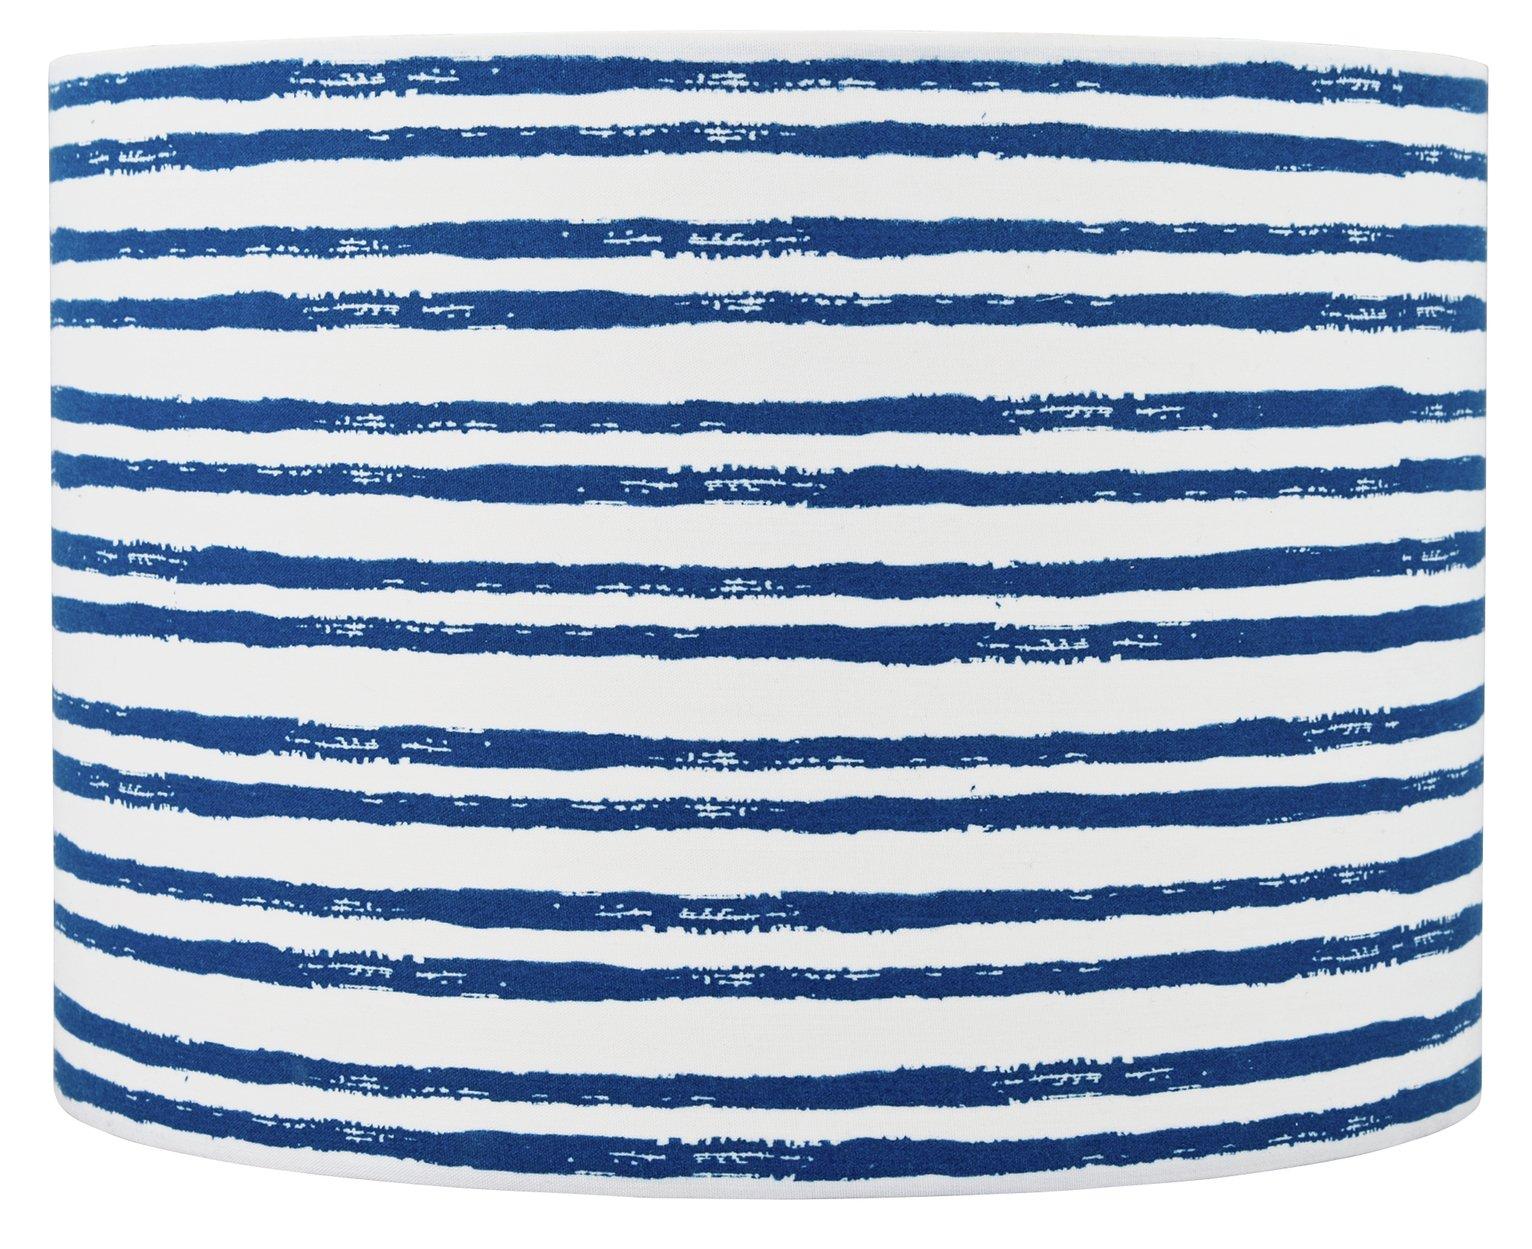 competitive price 7610d b5da2 Argos Home Beach House Fabric Shade - Blue (8053279) | Argos ...